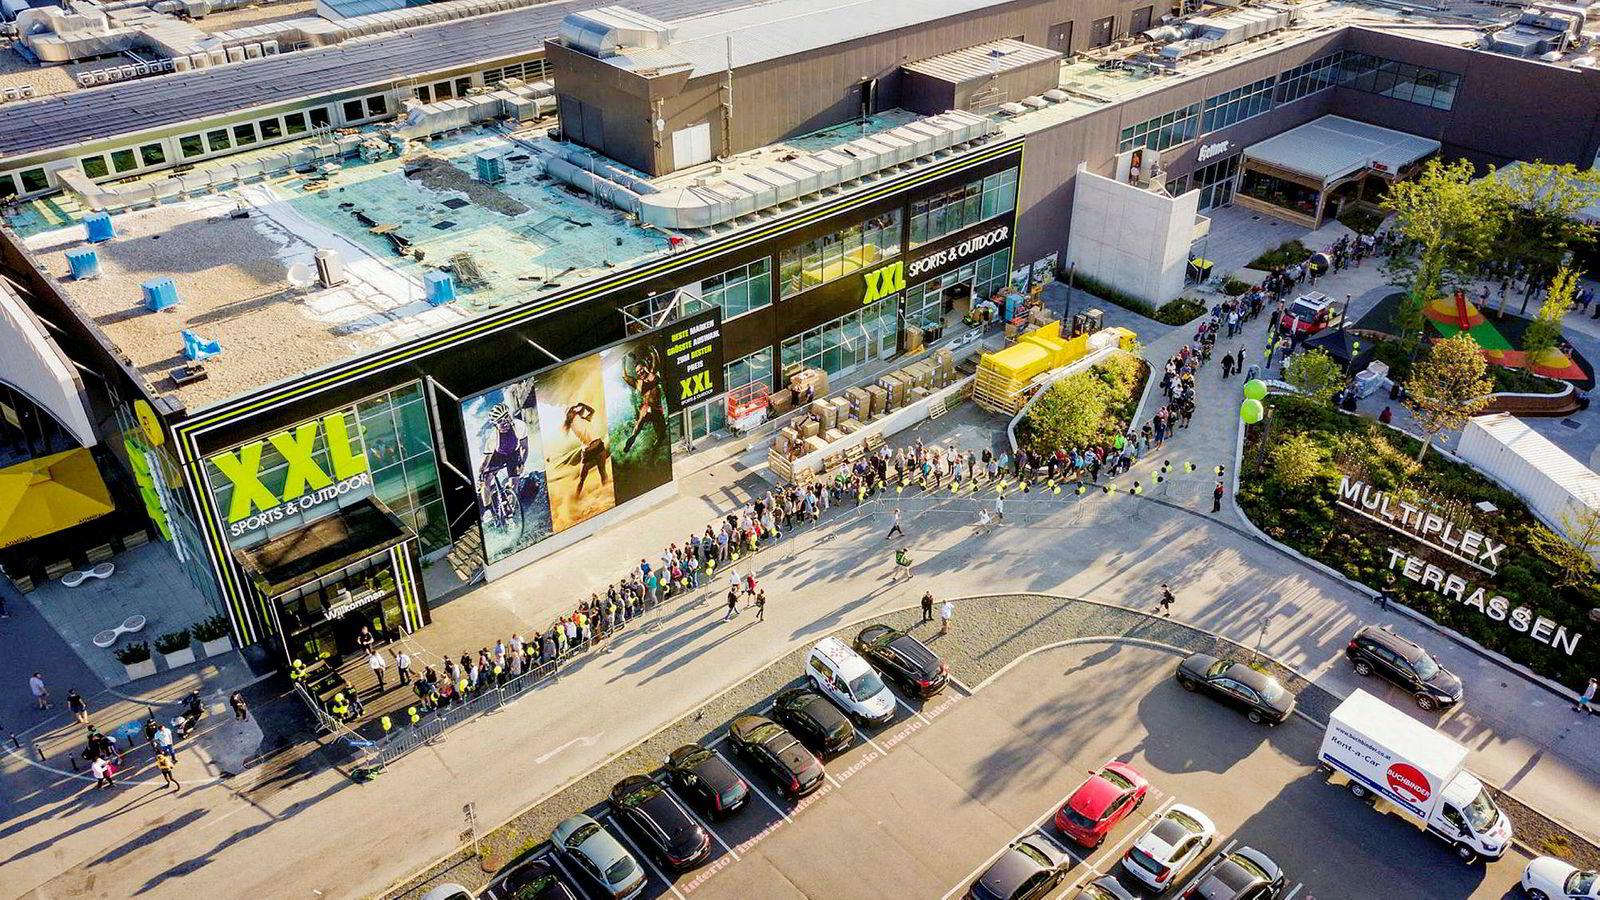 XXL klarte å organisere en lang kø før åpningen av sitt første varehus i Østerrike, i handelsparken Shopping City Syd utenfor Wien.